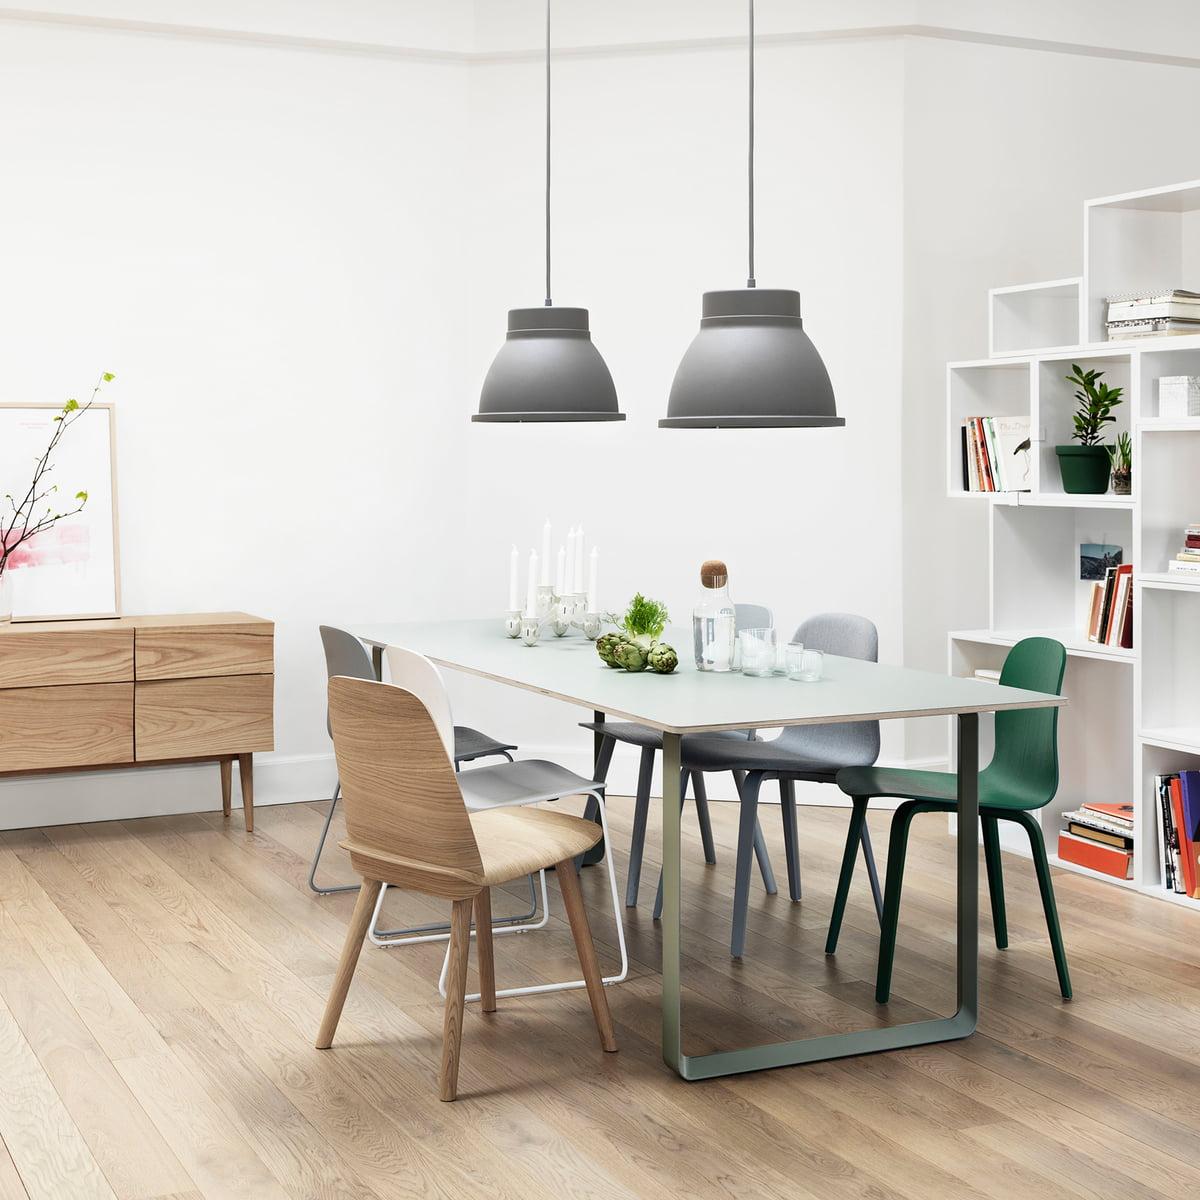 Möbel Schreibtisch: Möbel schreibtisch arbeitstisch regal ...